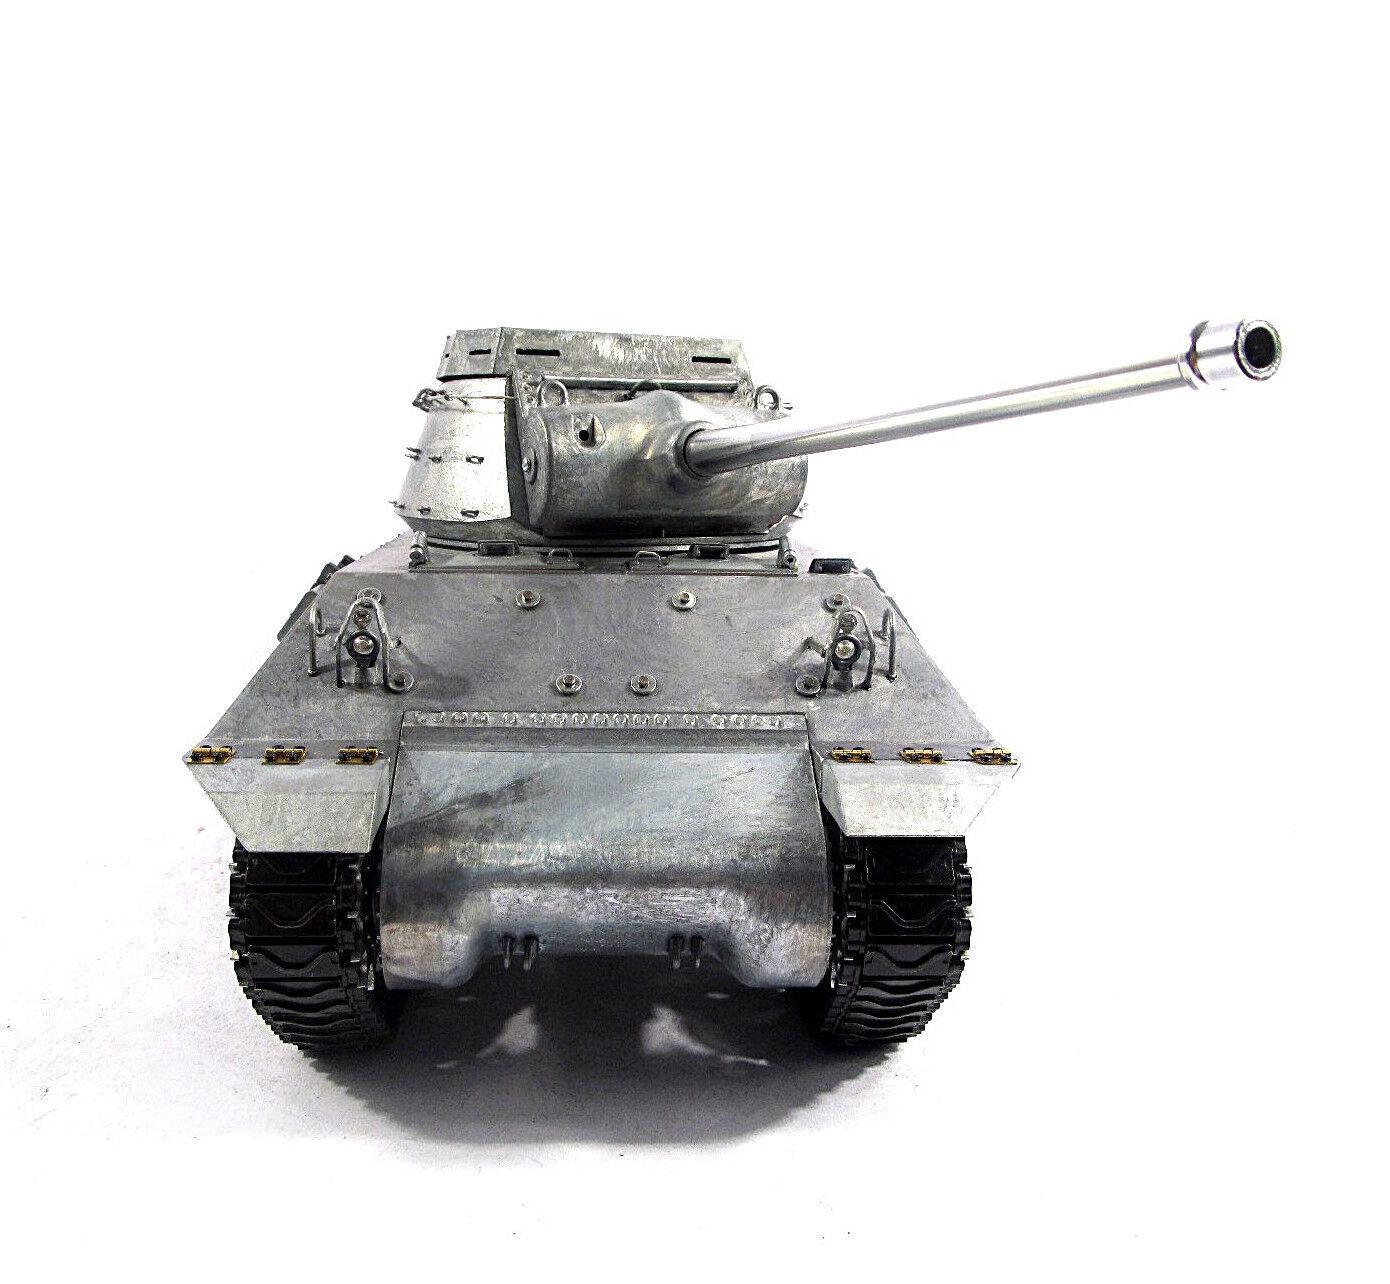 Mato 1 16 tutti  Metal M36 Destroyer RC KIT Tank Infrarosso Recoil Metal Coloree 1236  prodotto di qualità